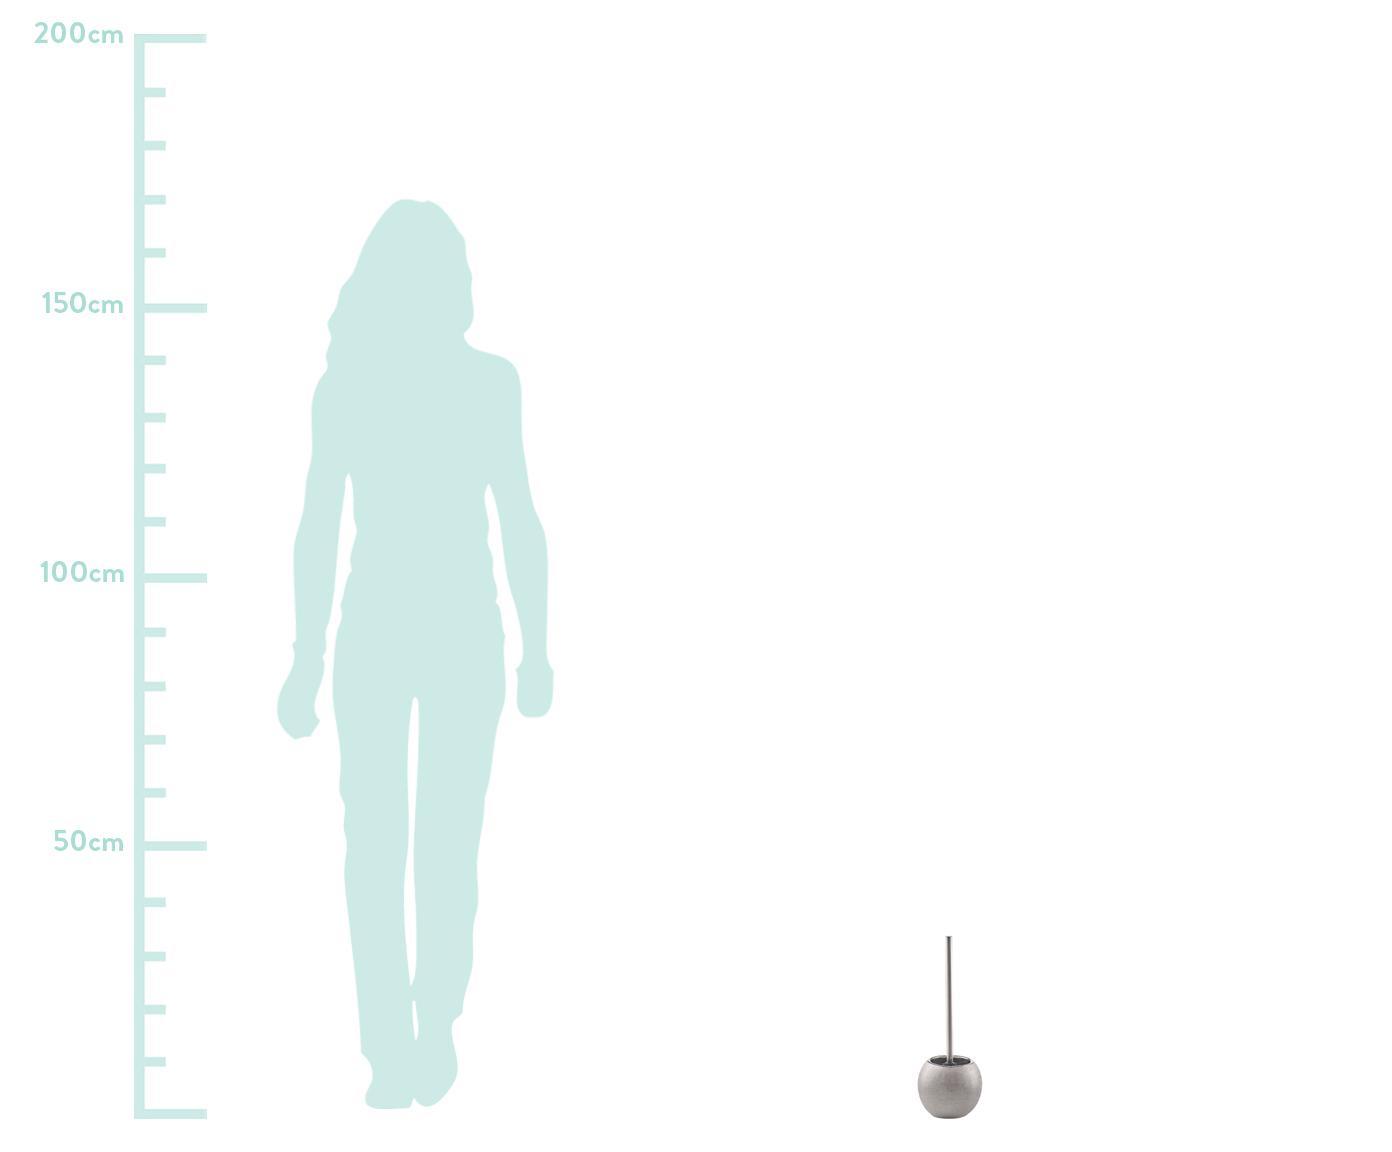 Toilettenbürste Glitter aus Steingut, Behälter: Steingut, Griff: Metall, Silberfarben, Ø 12 x H 34 cm